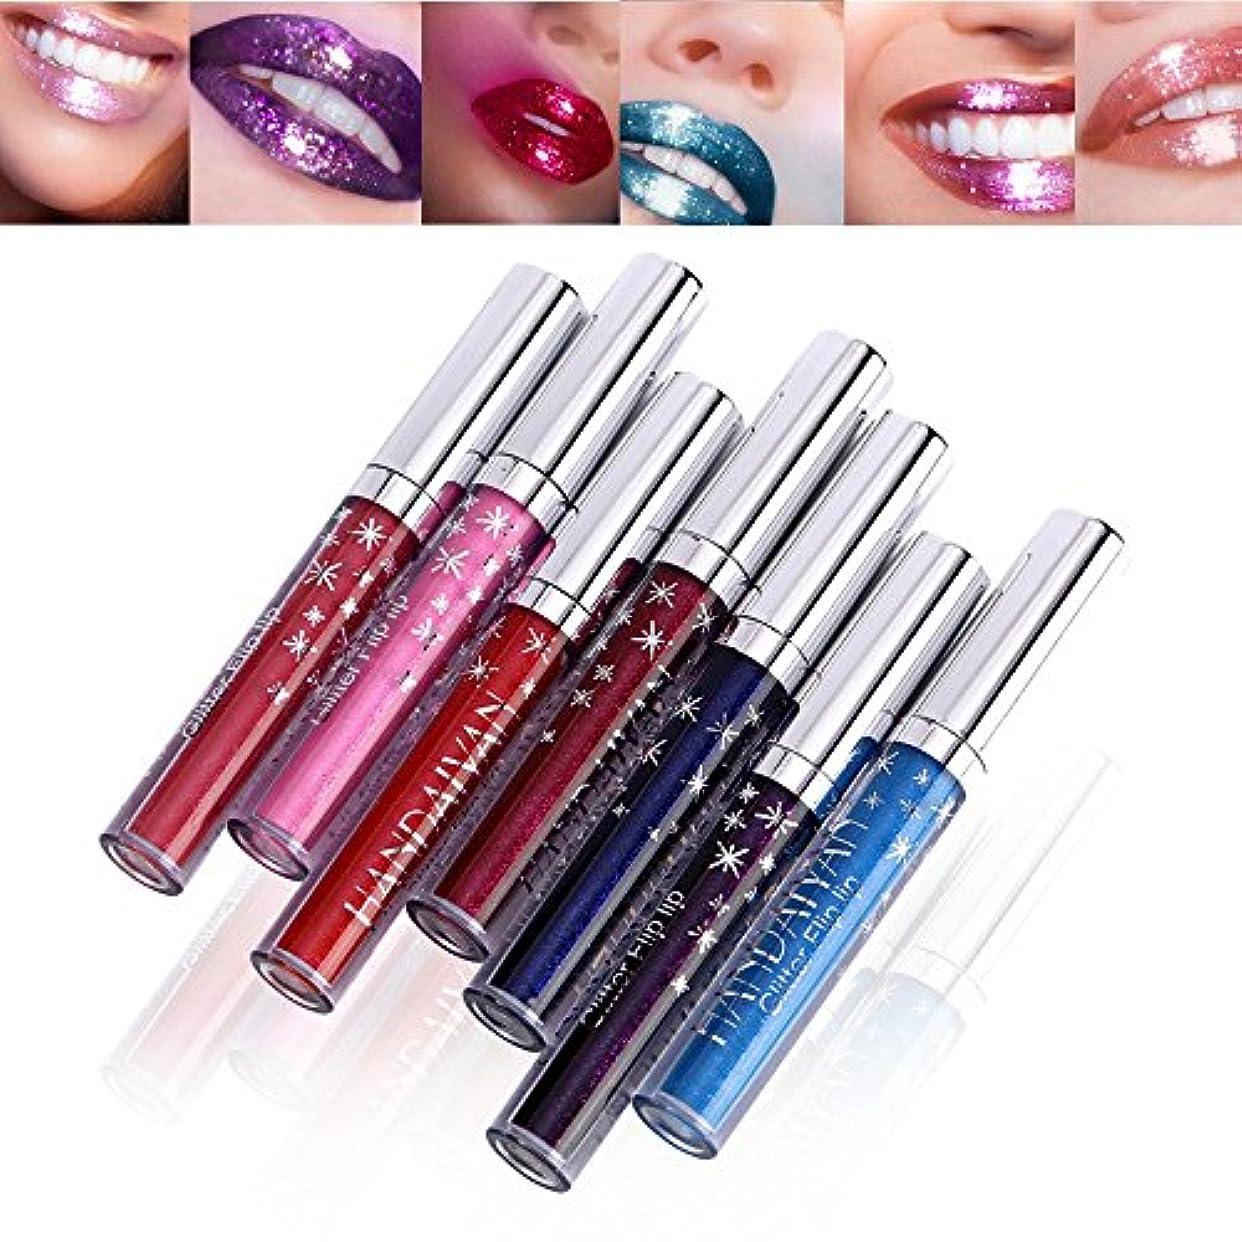 ピラミッド帳面演じるHANDAIYAN 7 Colors Glitter Flip Lip Gloss Set Non-stick Cup Waterproof pigment Nude Glitter Shimmer Diamonds Pearl Liquid Lipstick kit